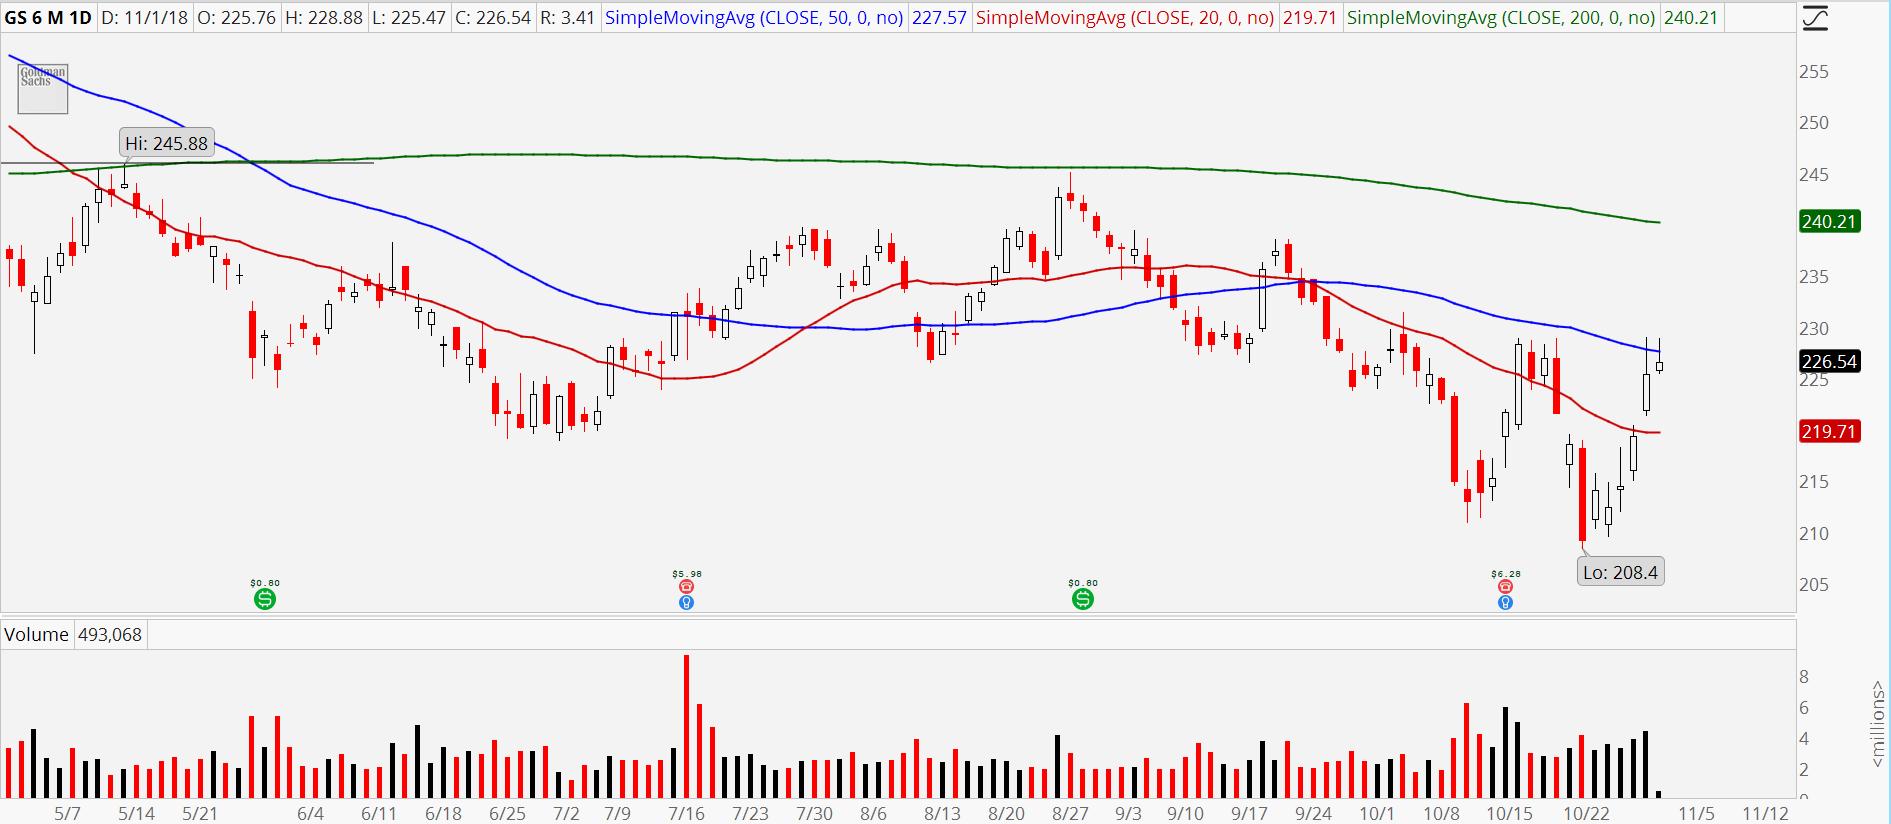 3 Bank Stocks to Sell: Goldman Sachs (GS)